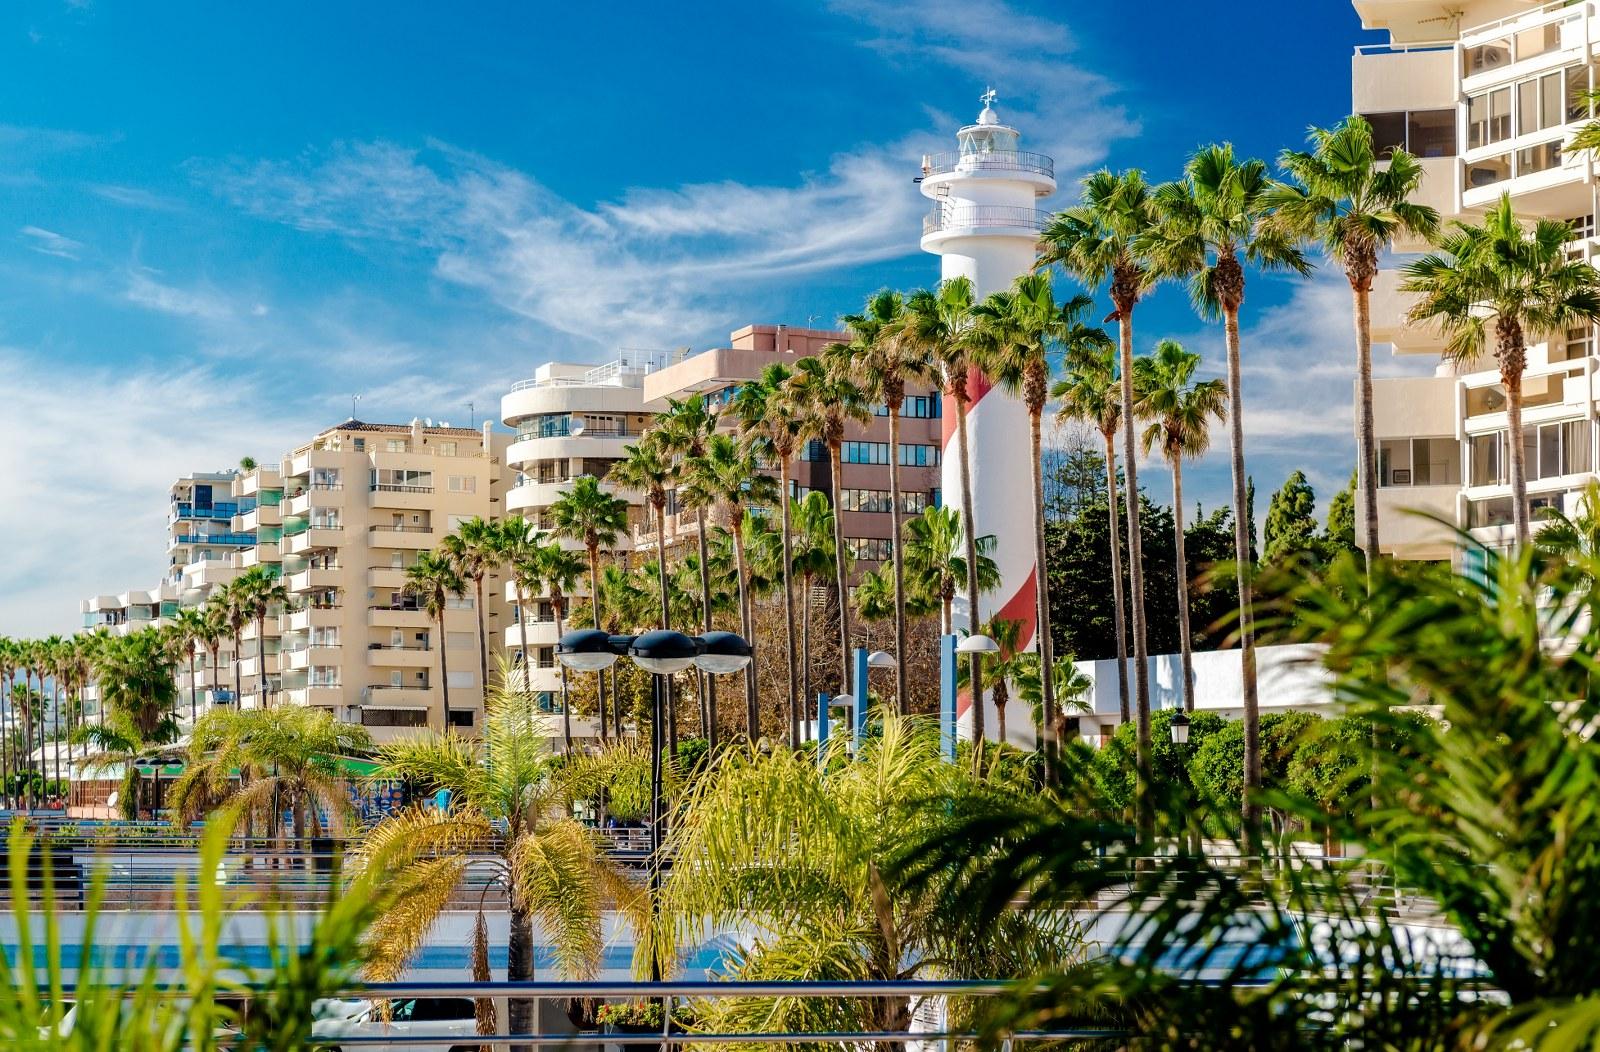 Marbella/puerto Banus